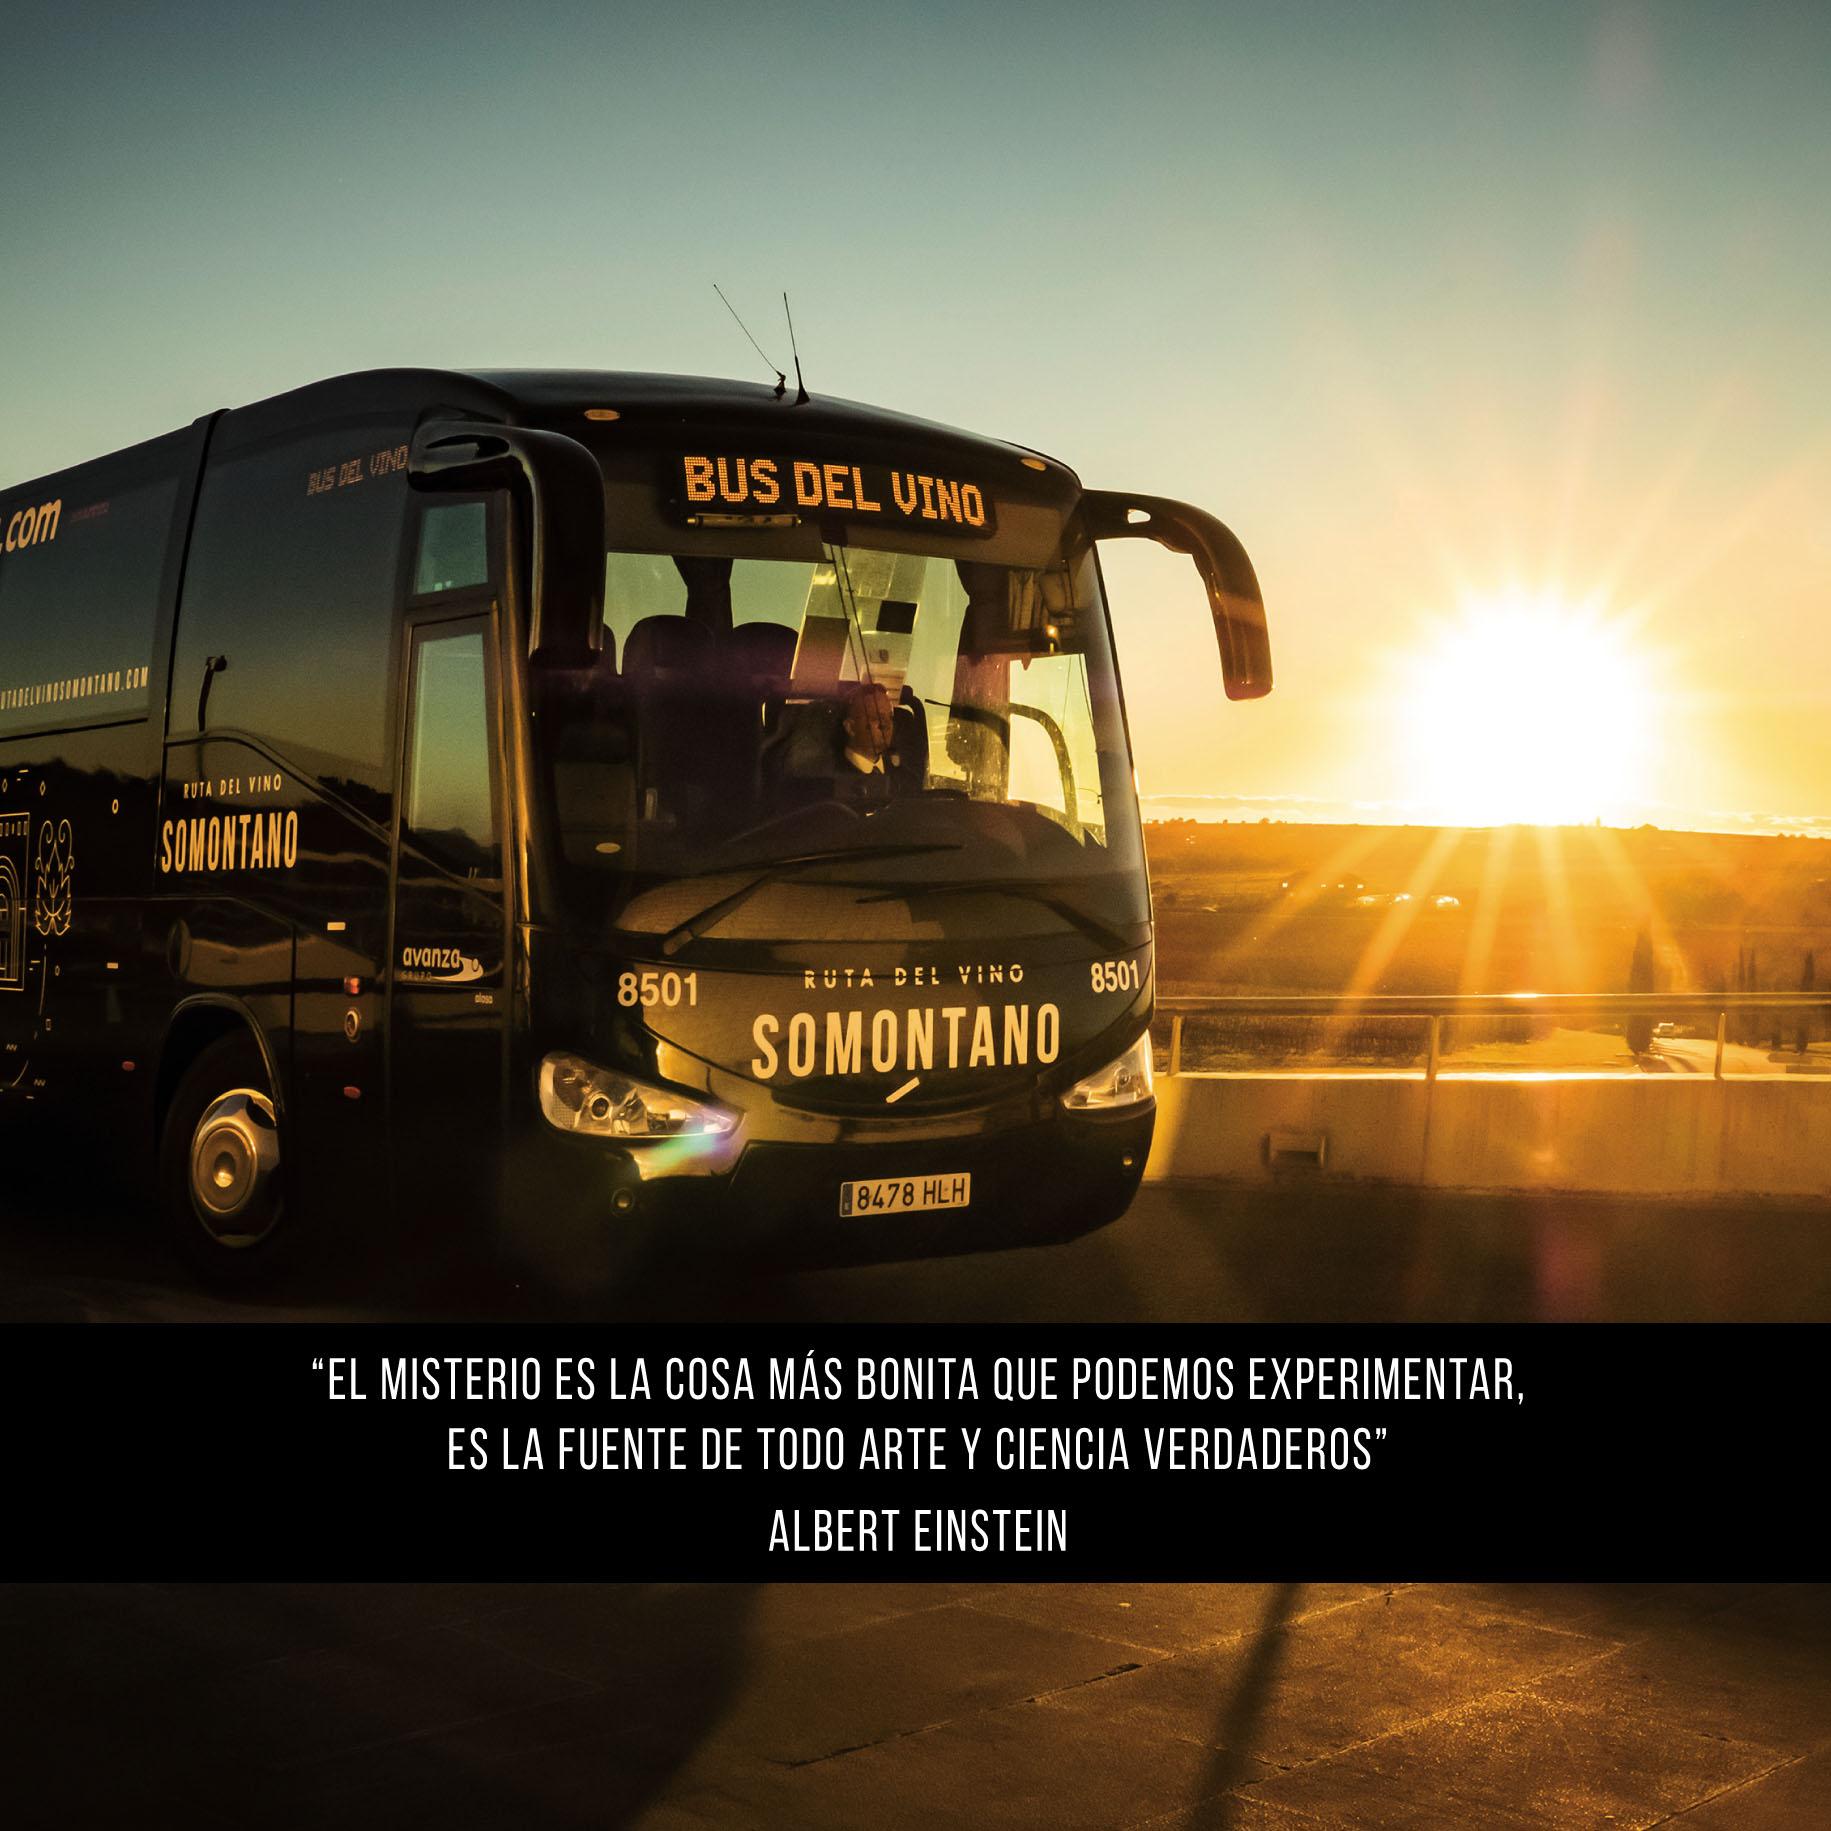 El bus del vino de Somontano 2018